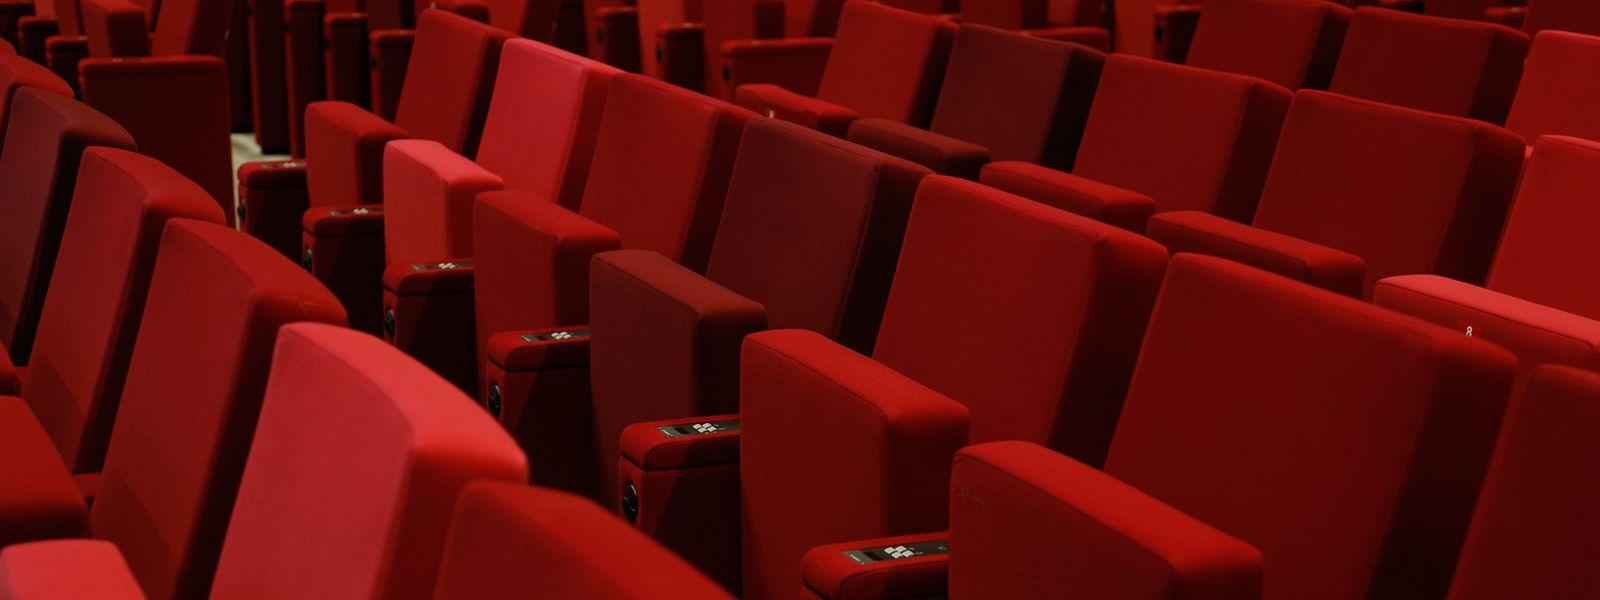 Gähnende Leere in den Kinosälen während des Lockdowns.